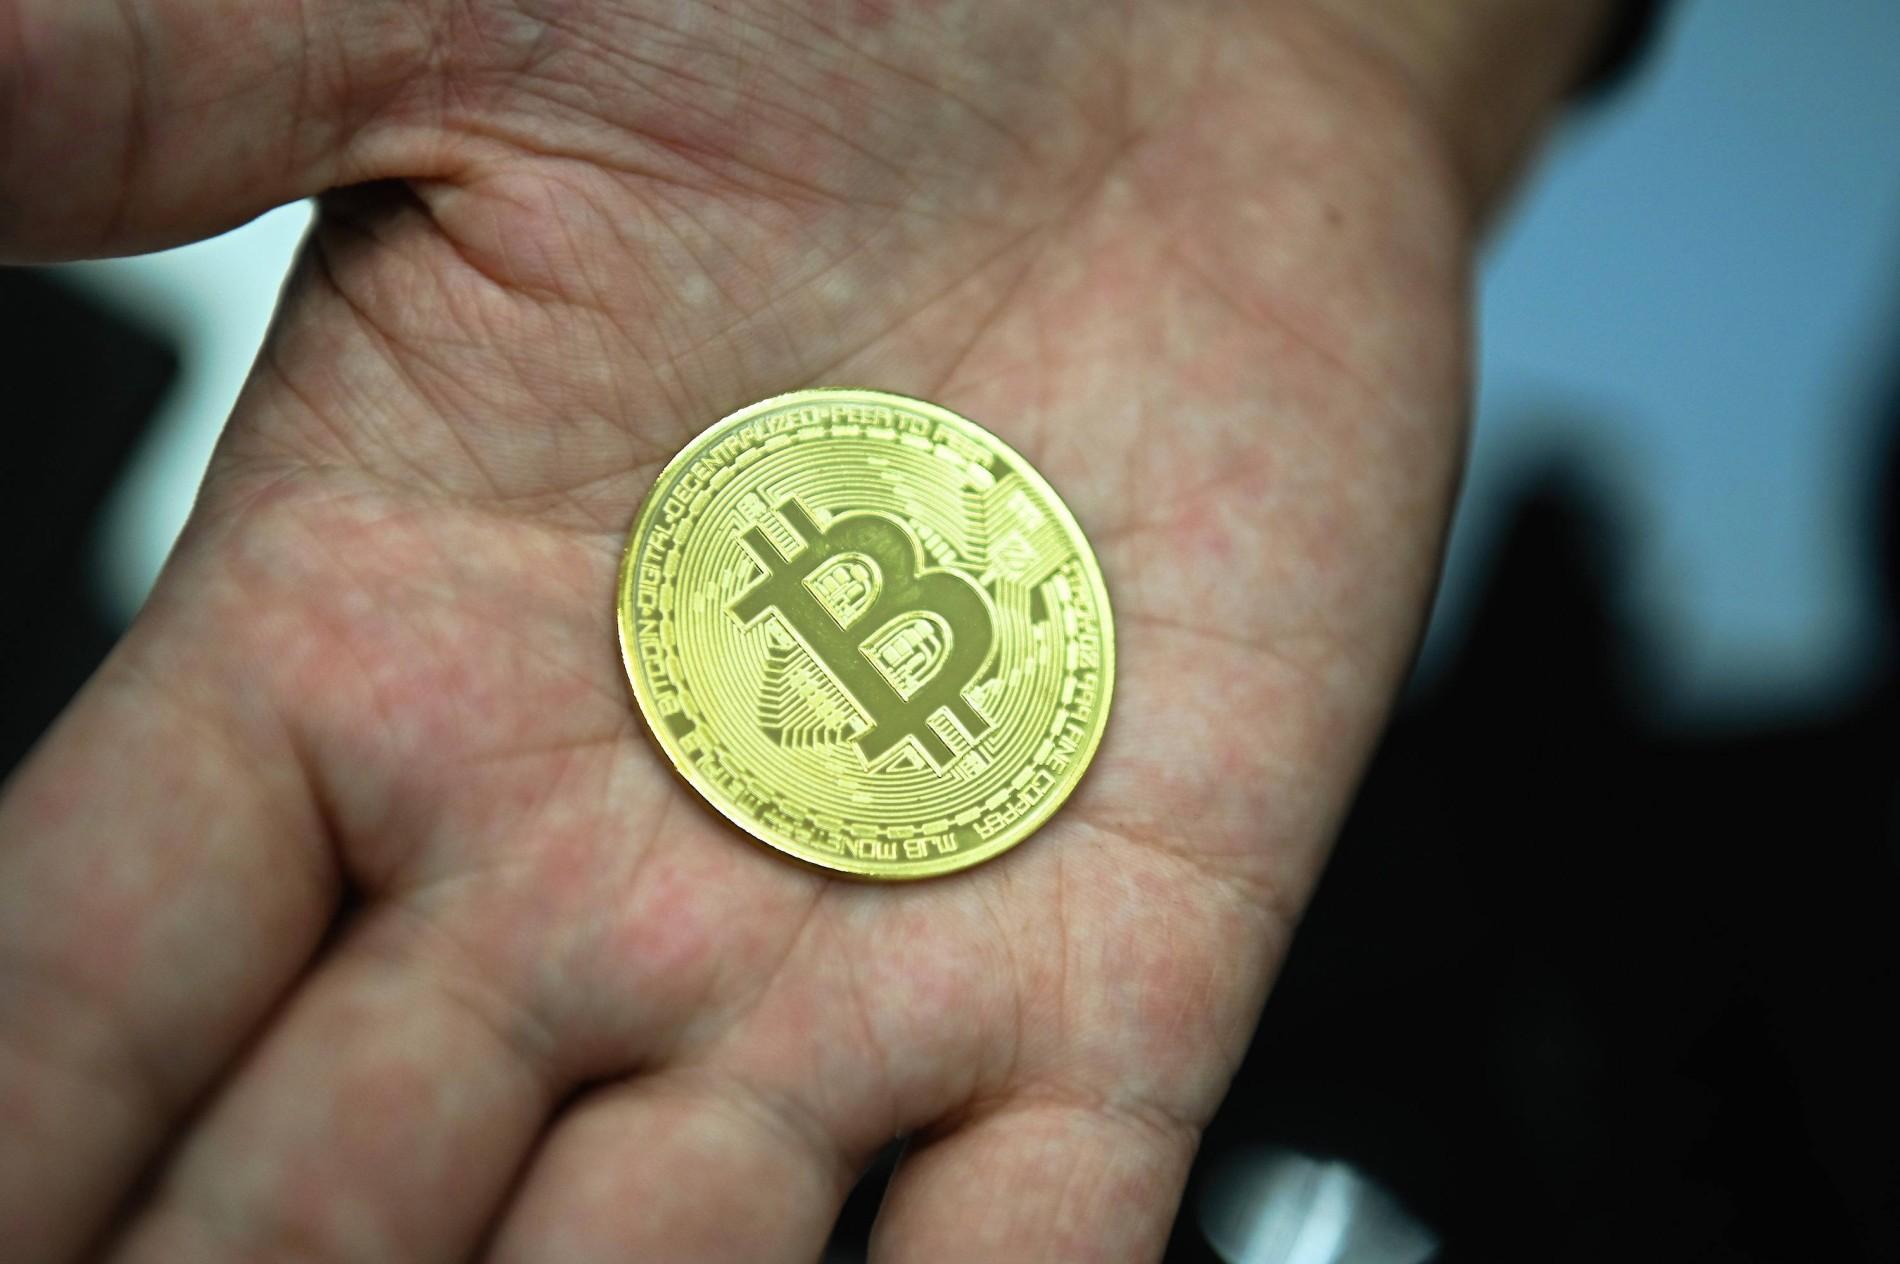 wie viel kostet bitcoin jetzt? jetzt online geld verdienen seriös und schnell österreich